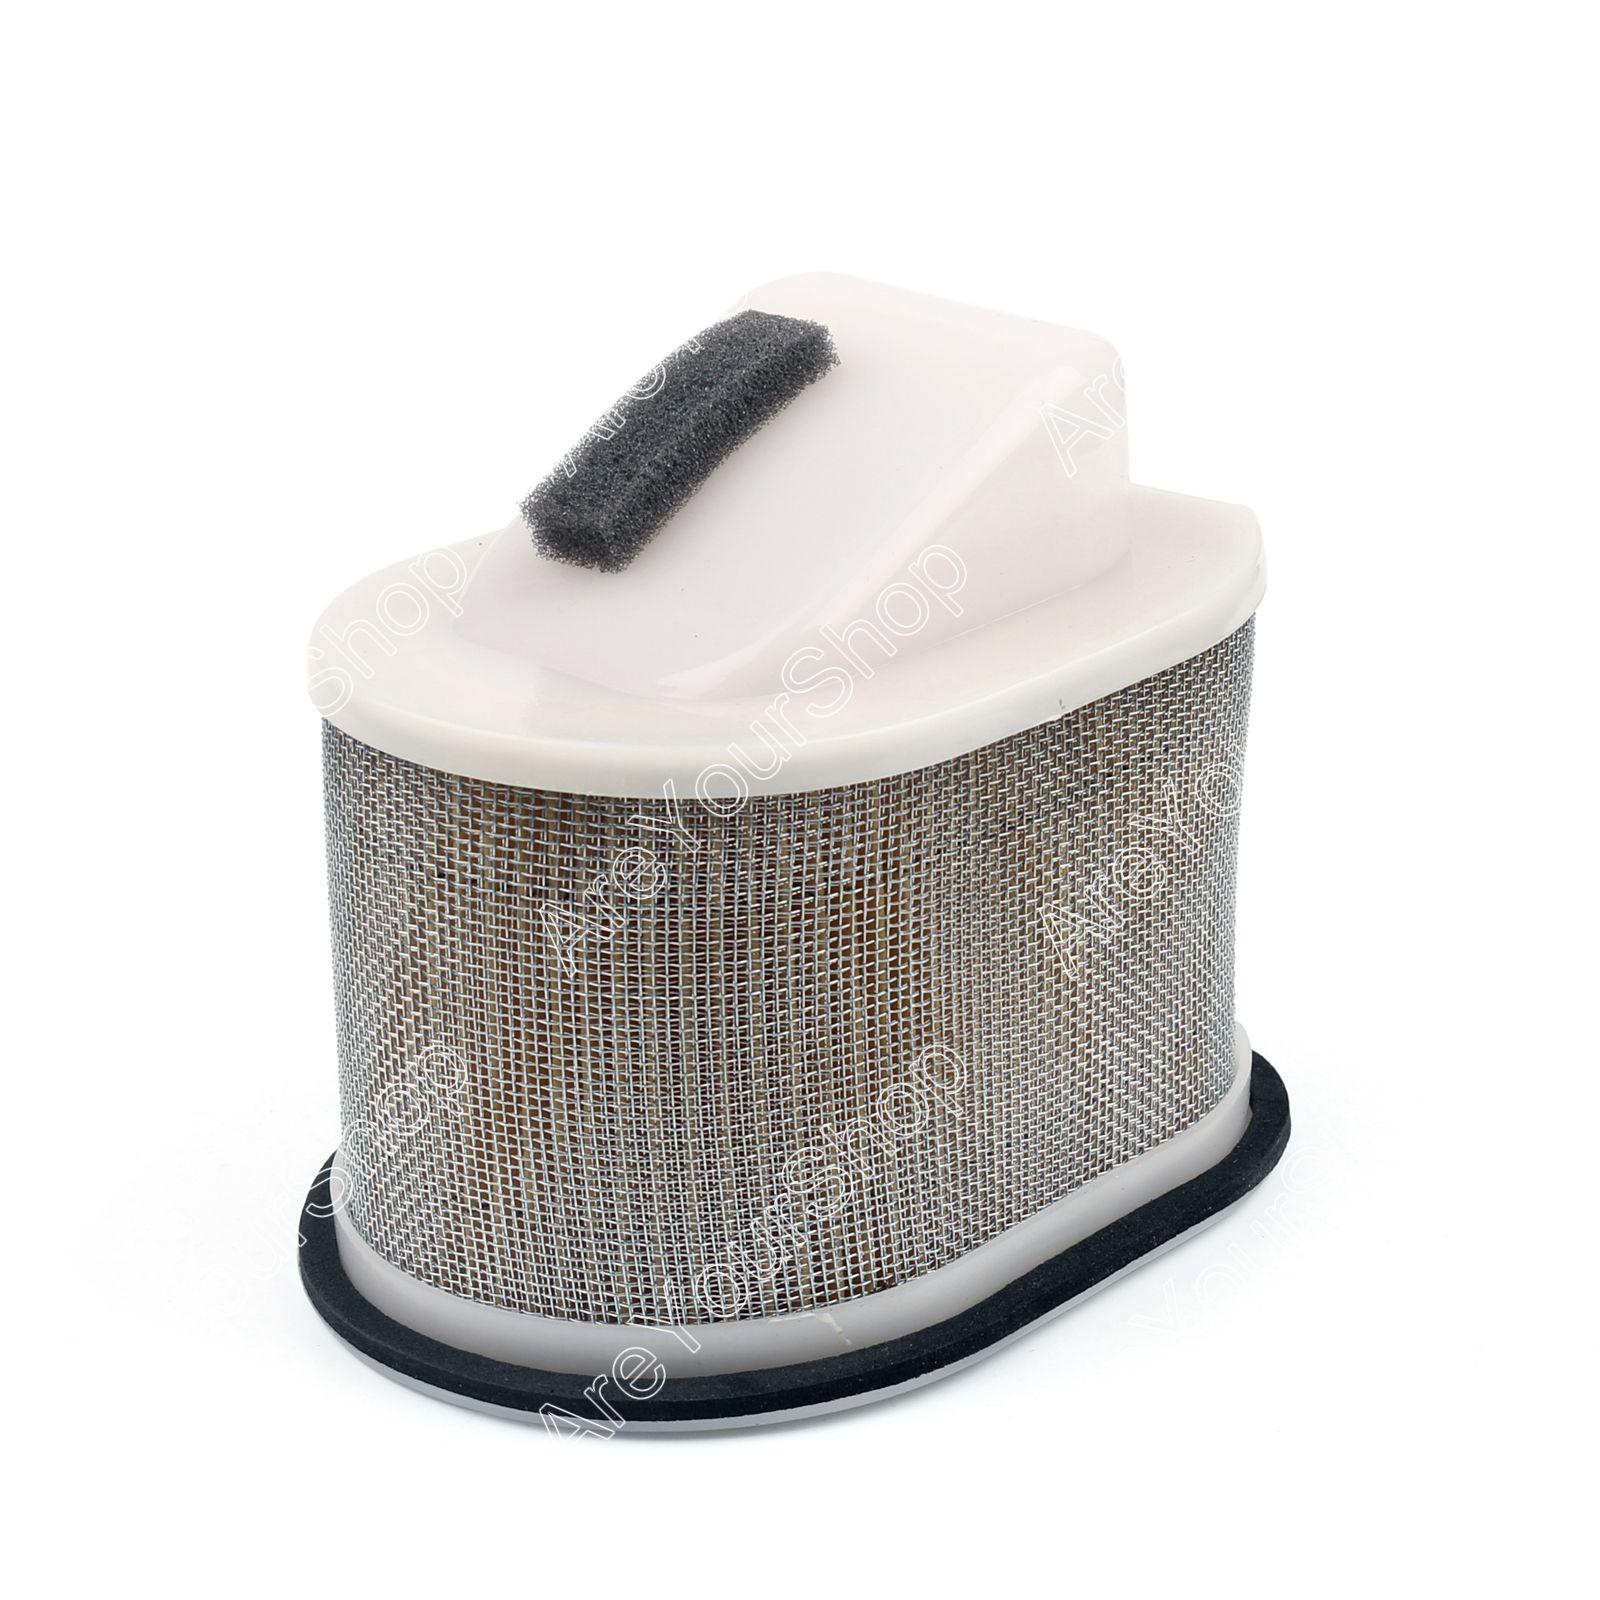 z750 filtre air promotion achetez des z750 filtre air promotionnels sur. Black Bedroom Furniture Sets. Home Design Ideas